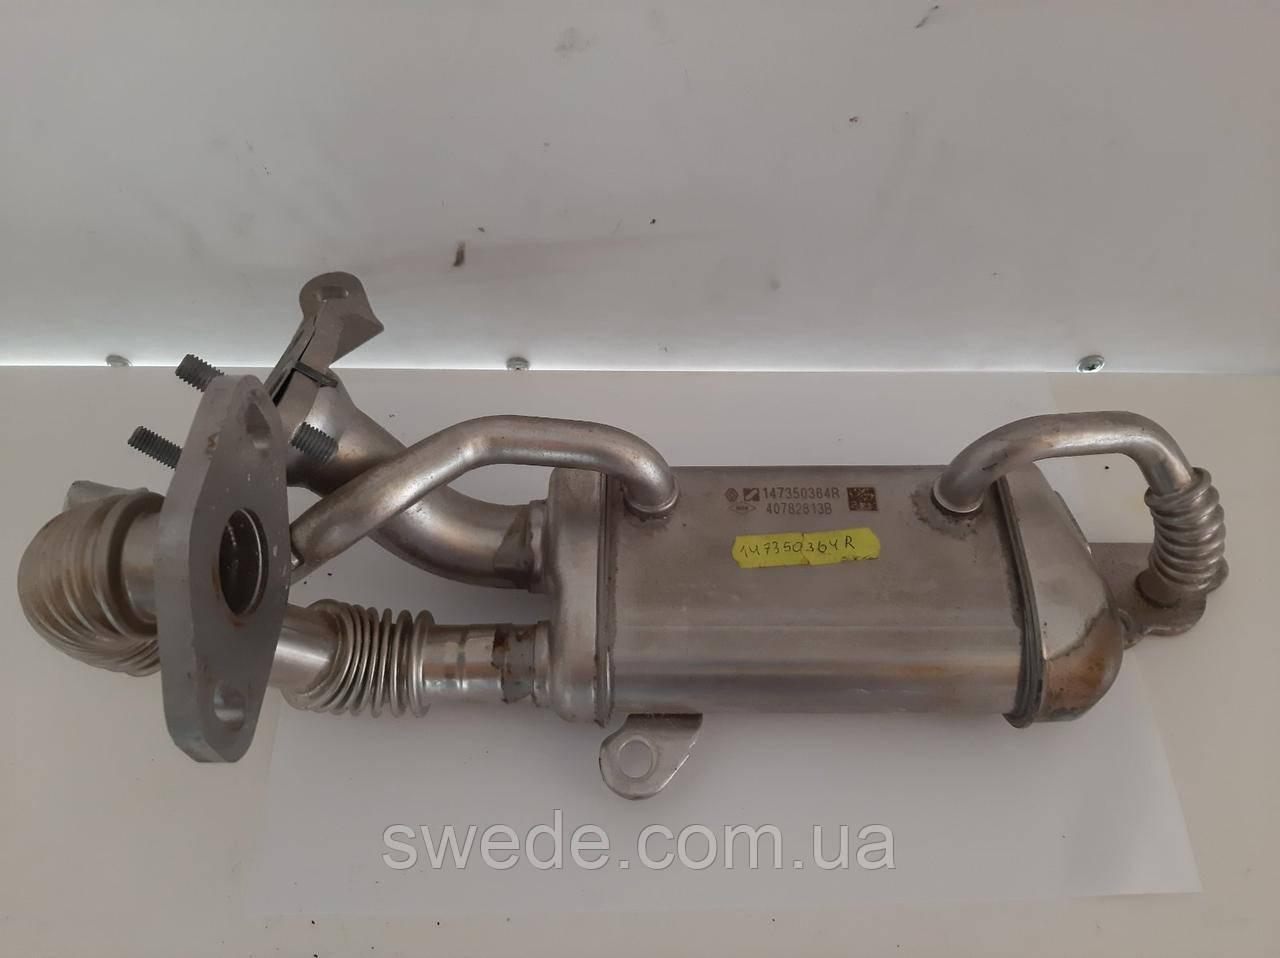 Радиатор системы EGR Renault Kangoo 1.5 DCI 2010 гг 147350364R